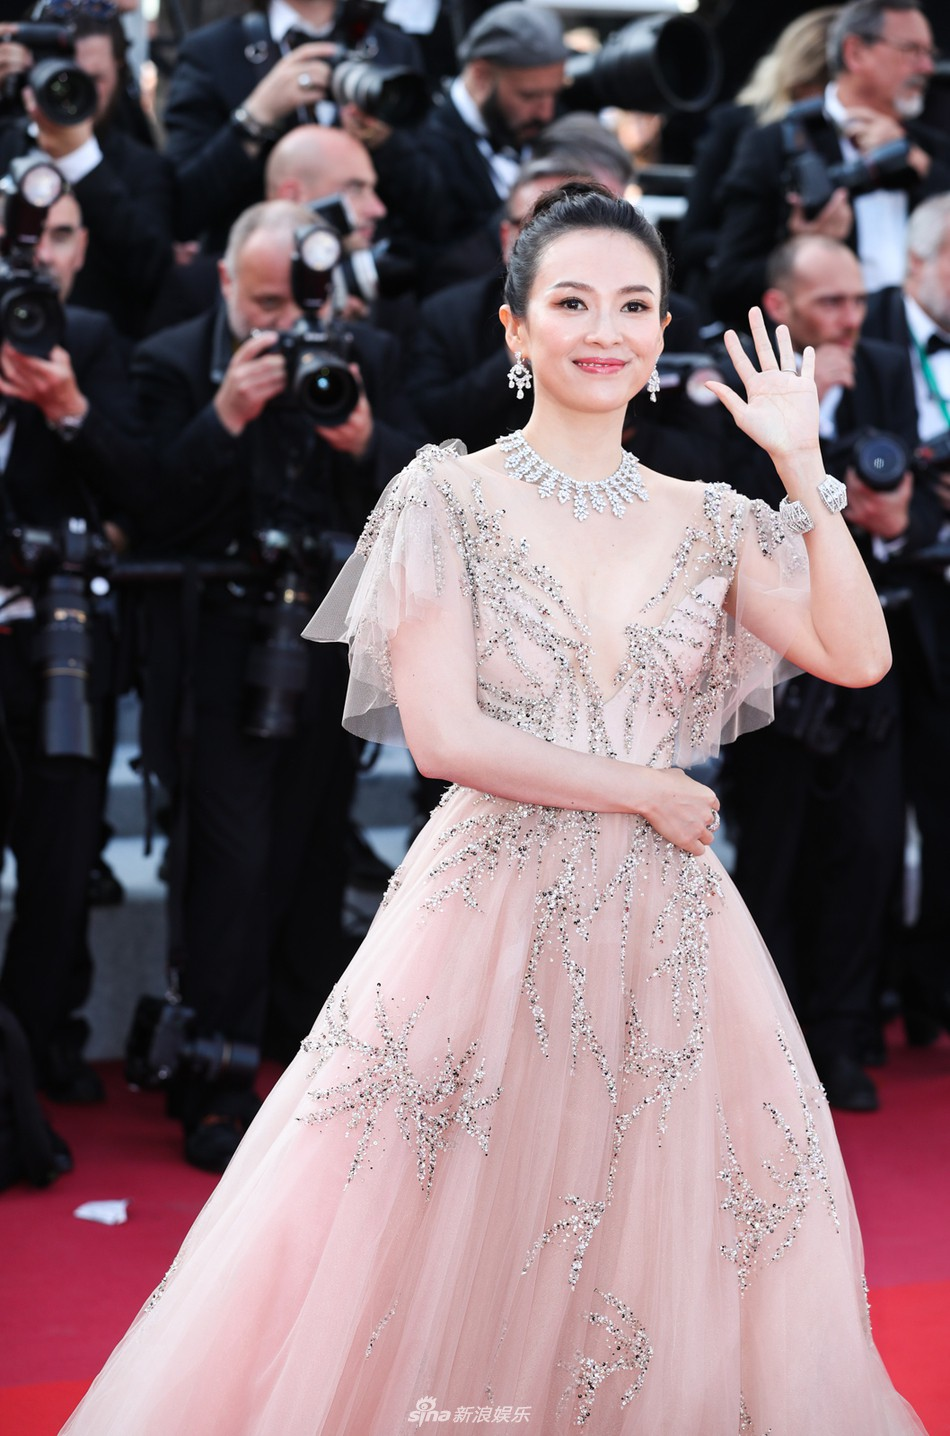 Chương Tử Di đẹp lộng lẫy không tì vết ngày bế mạc Cannes 2019 nhưng một người đẹp 50 tuổi khác cũng gây chú ý không kém  - Ảnh 2.